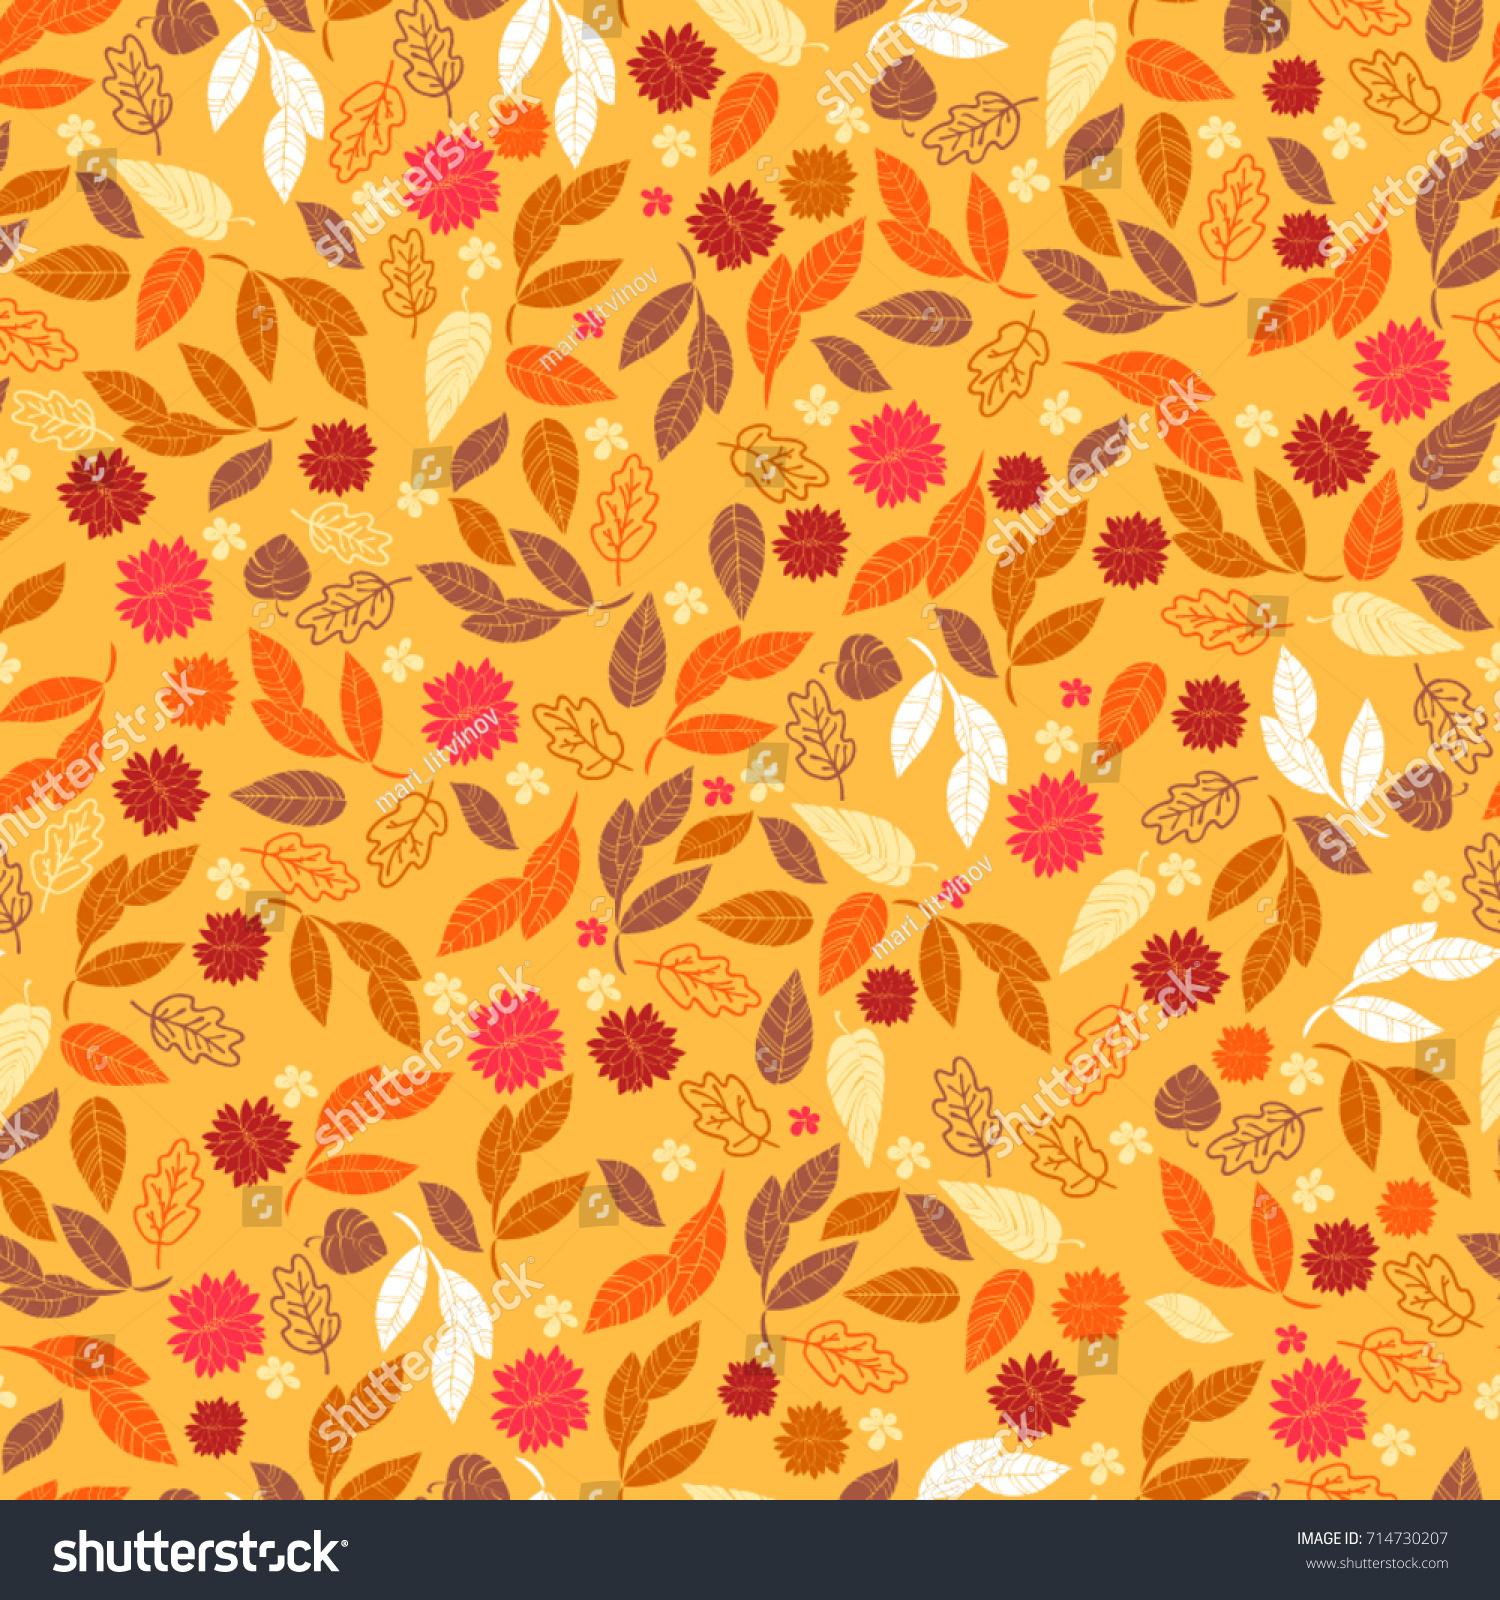 illustration soft floral - photo #35